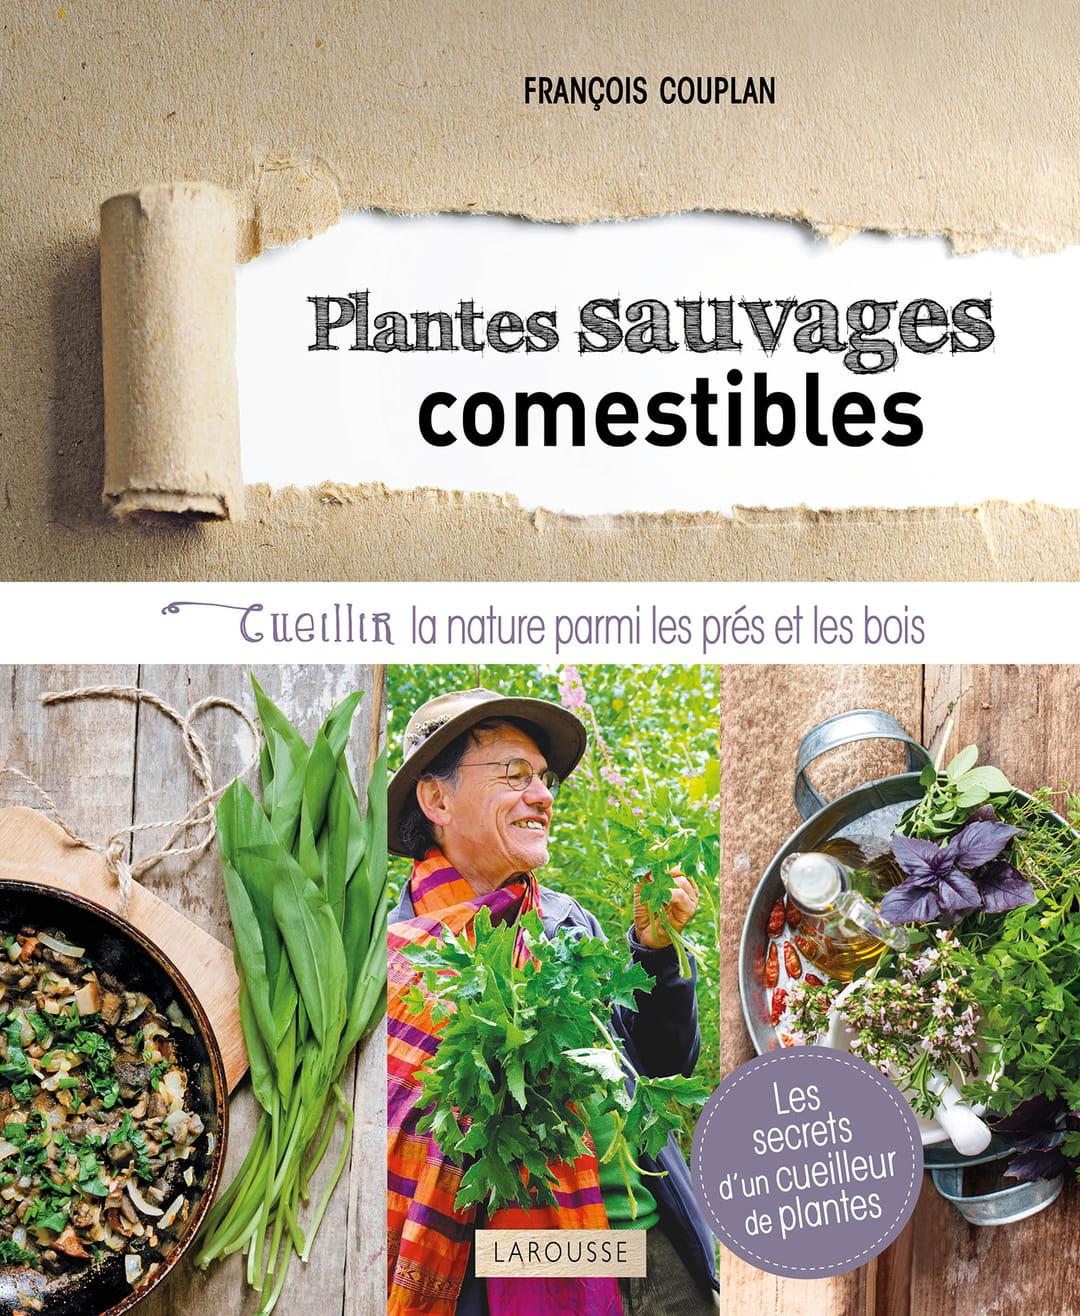 livre-plantes-sauvages-comestibles-françois-couplan-larousse 544a3902808